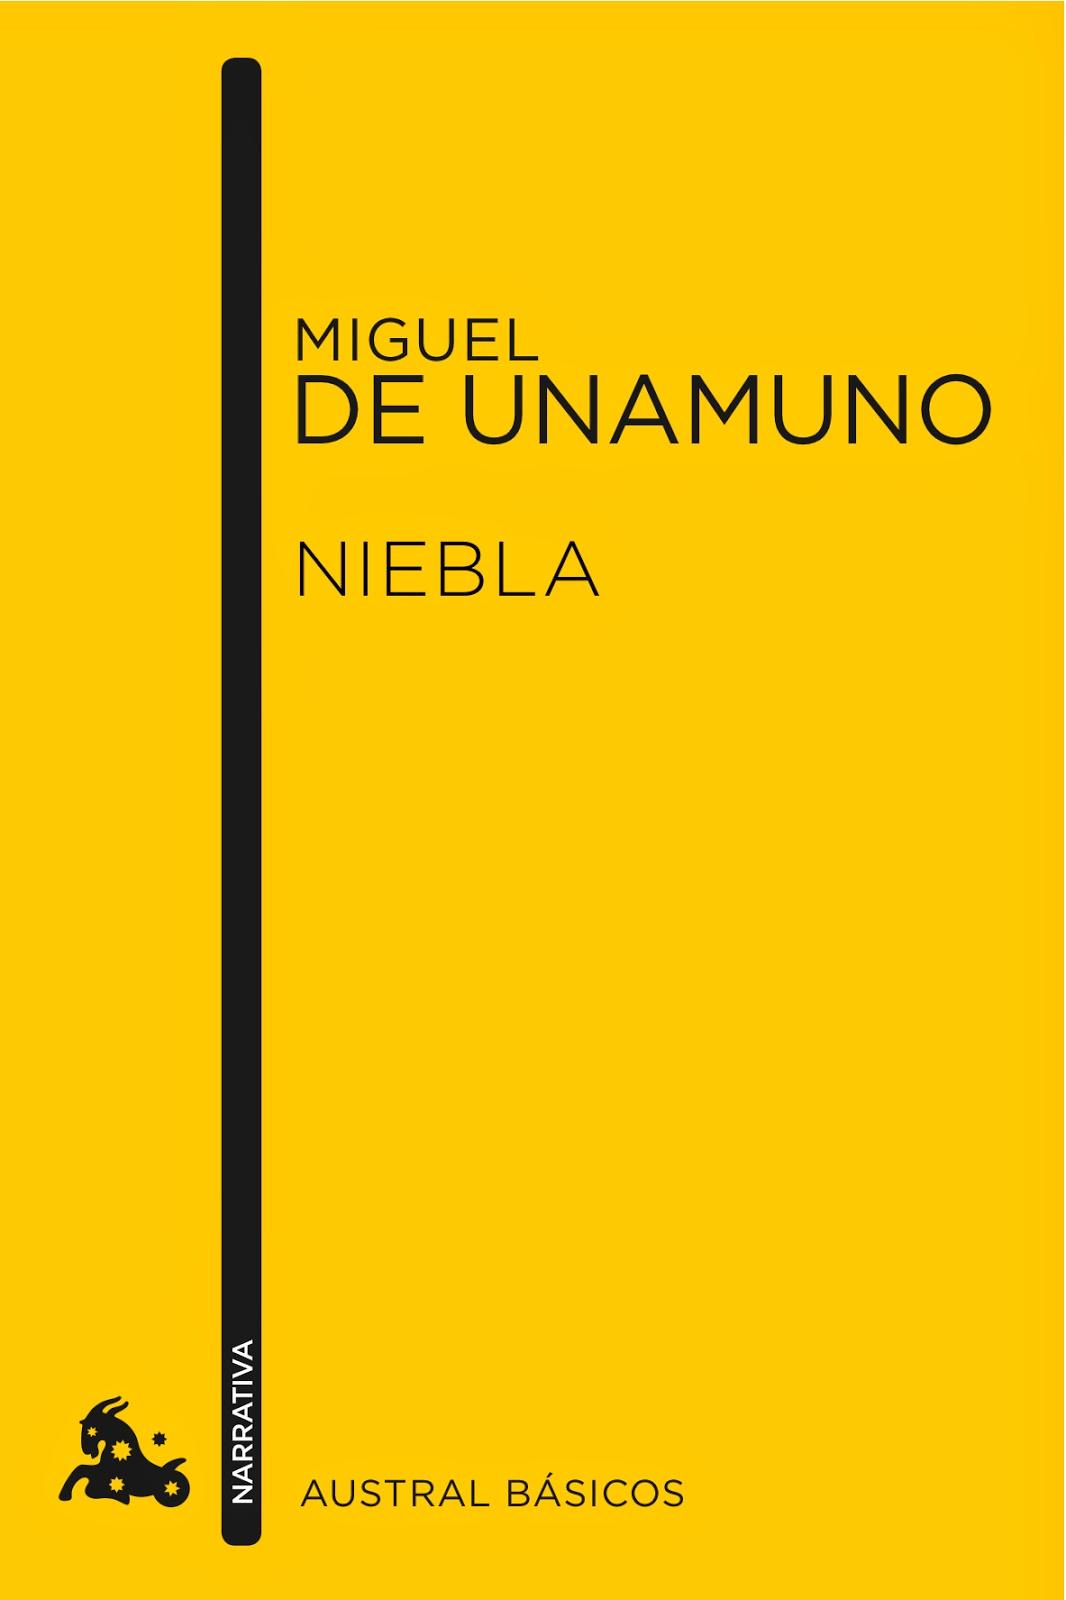 Reseña: Niebla, de Miguel de Unamuno